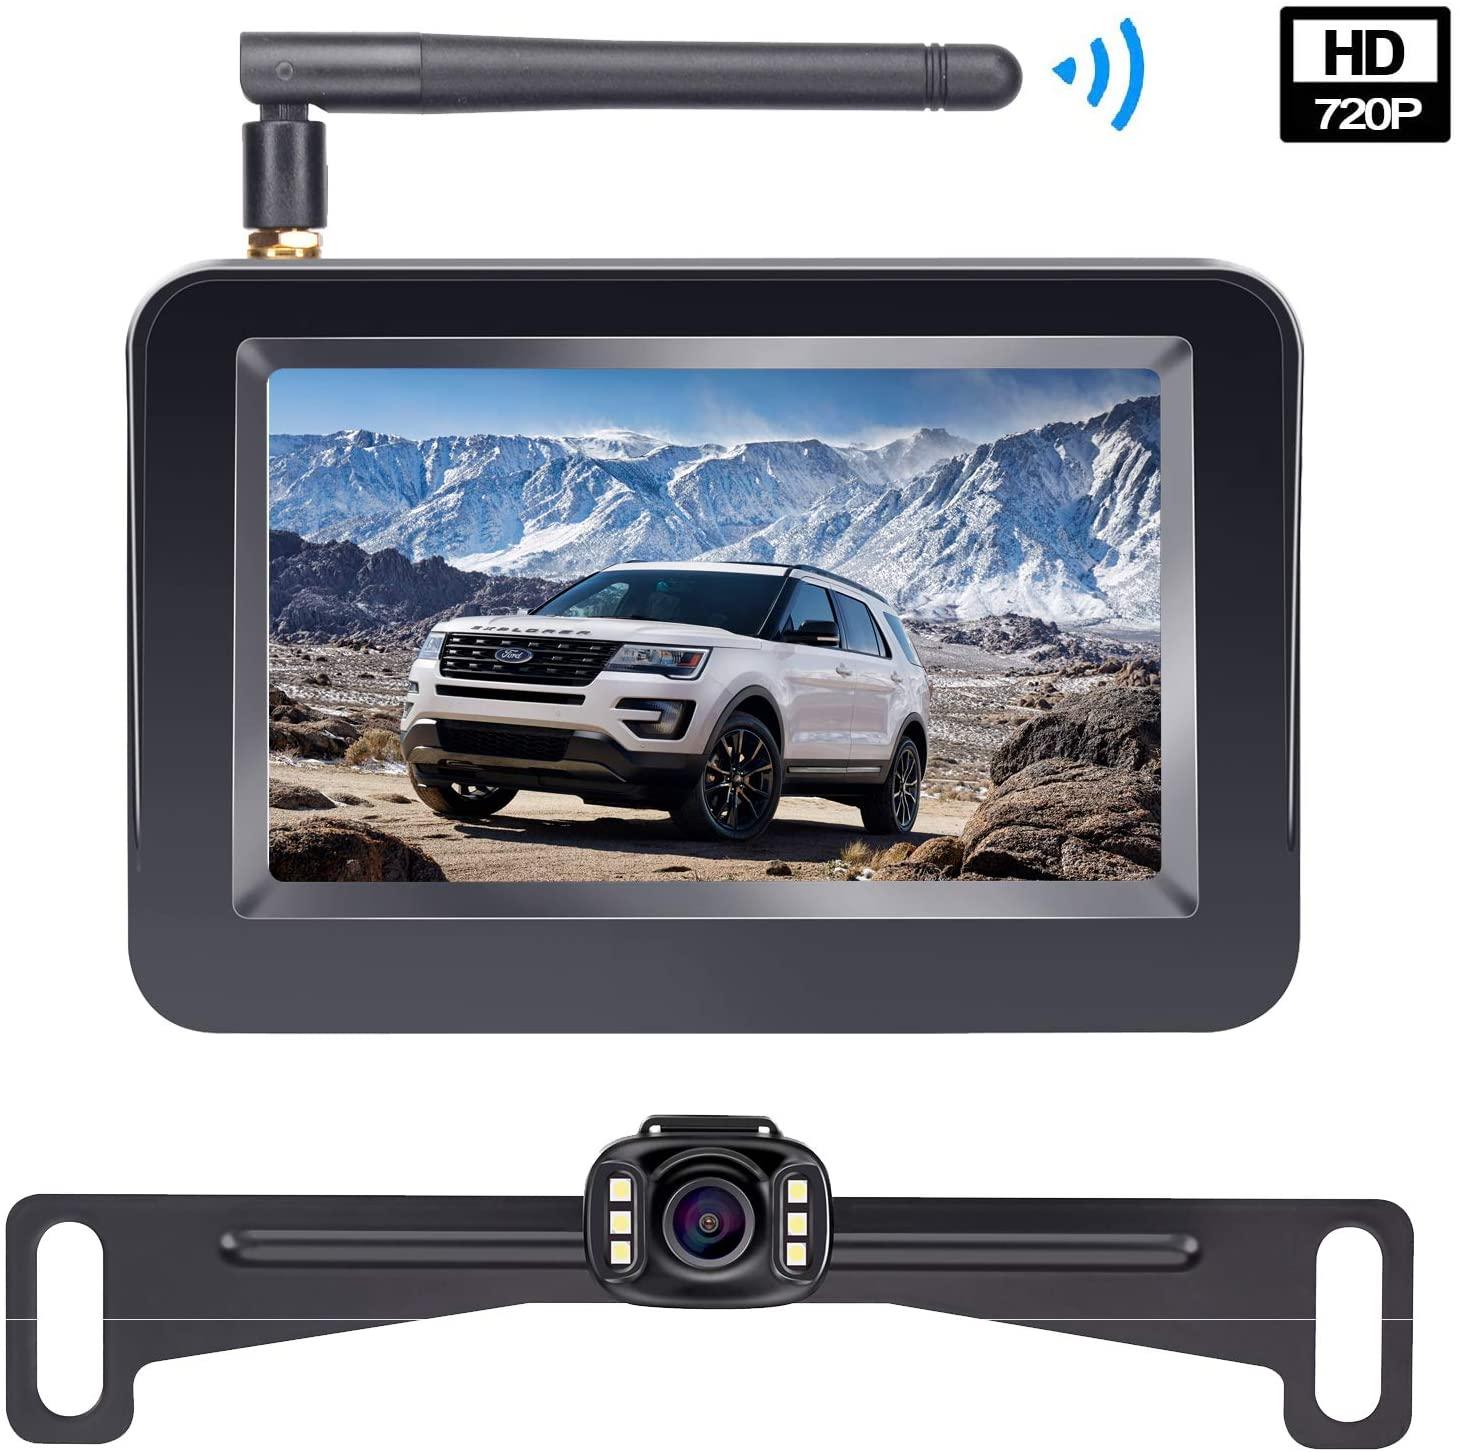 HD Wireless Backup Camera